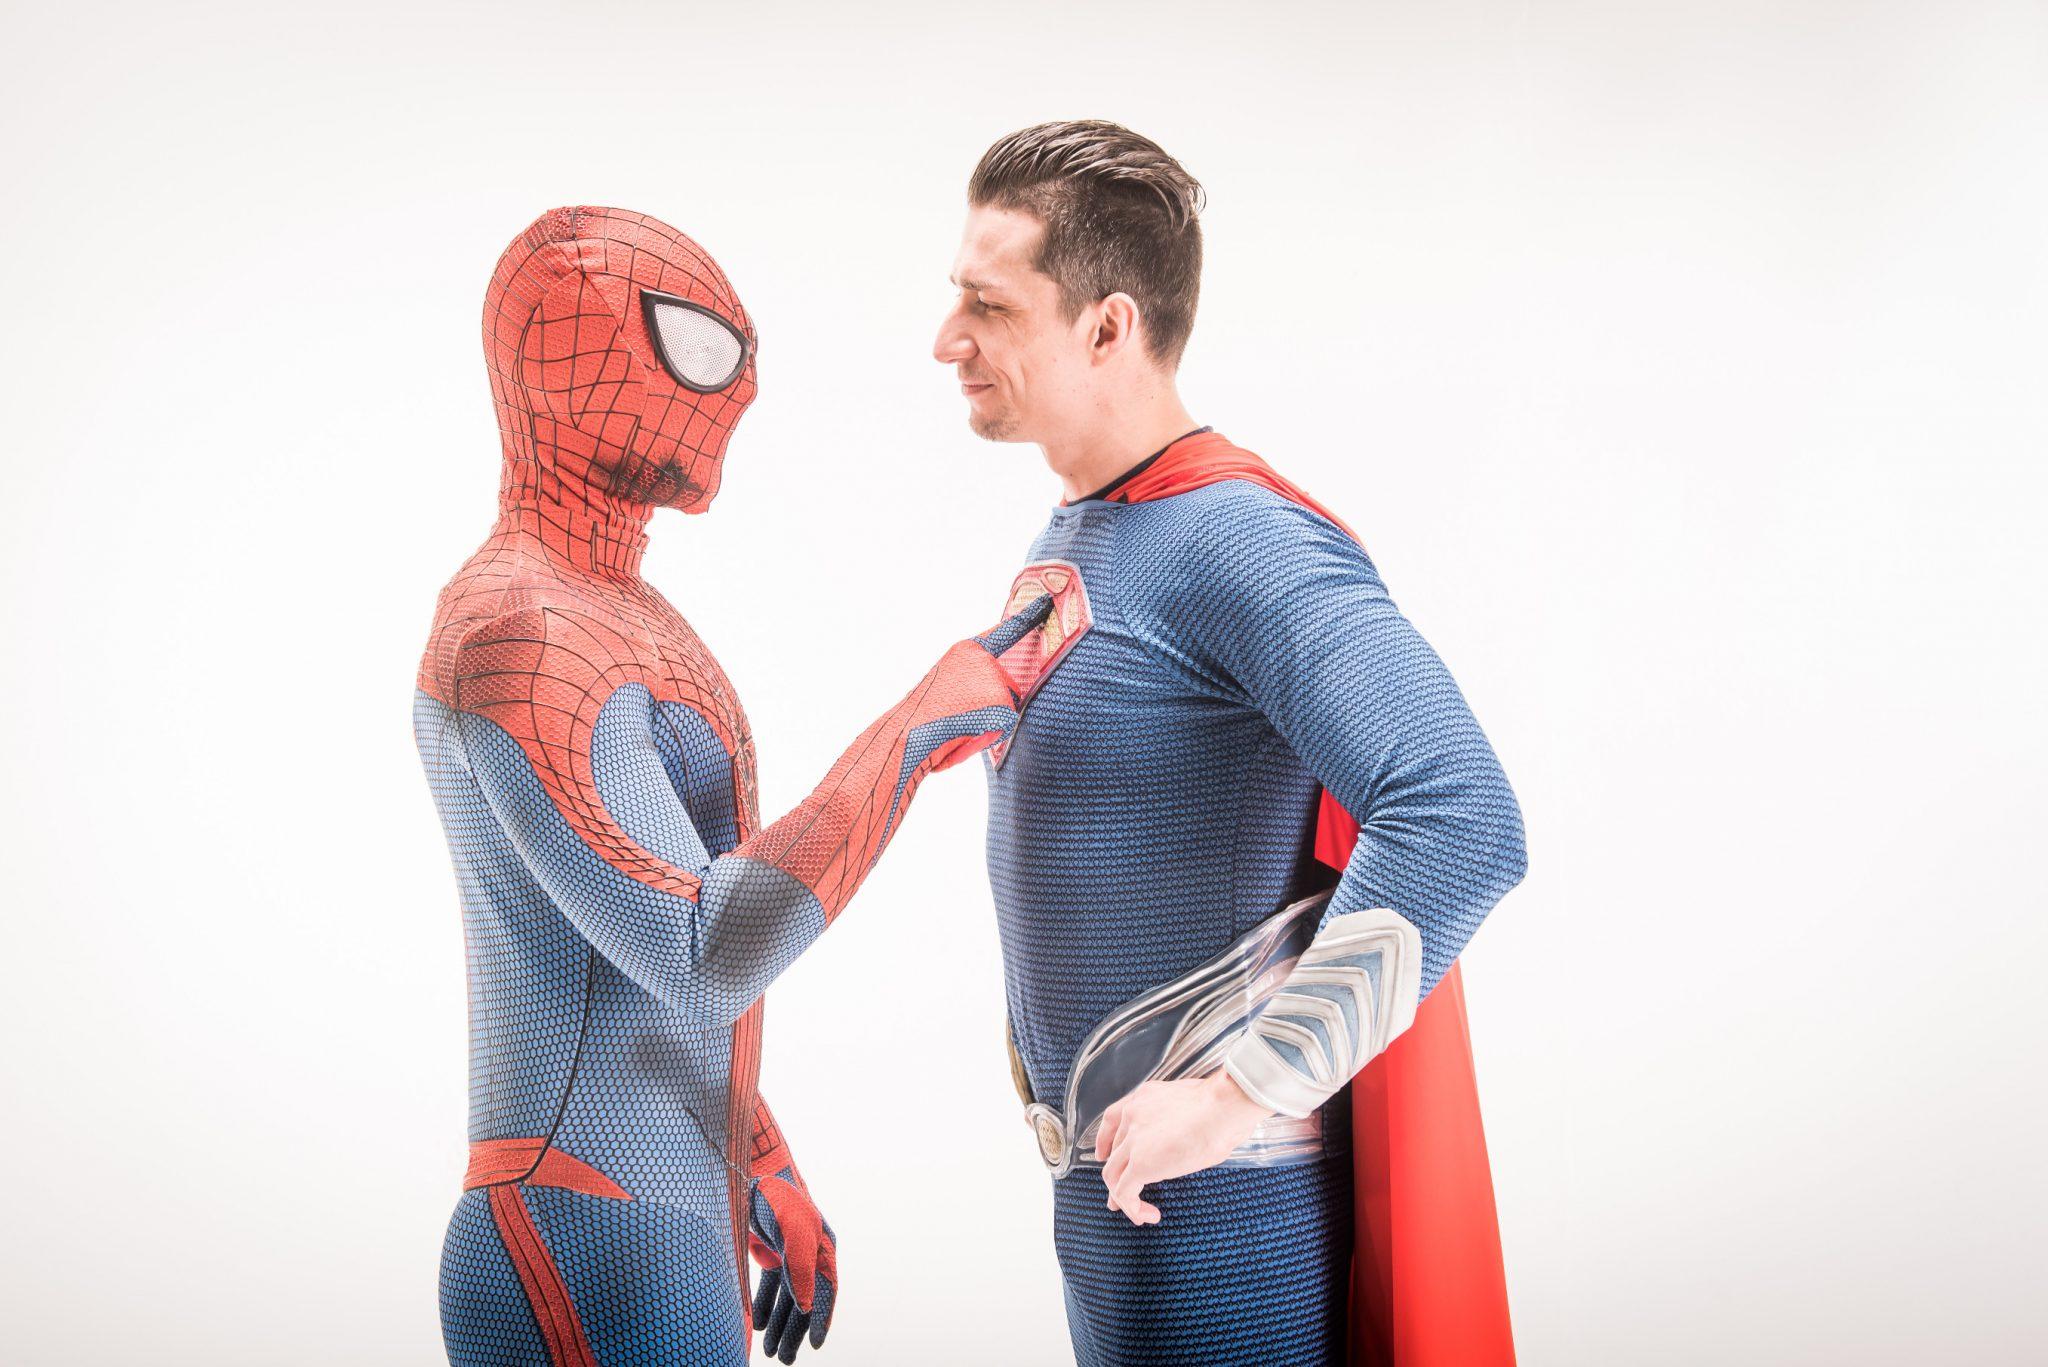 Unsere Superhelden wollen beide zum Geburtstag